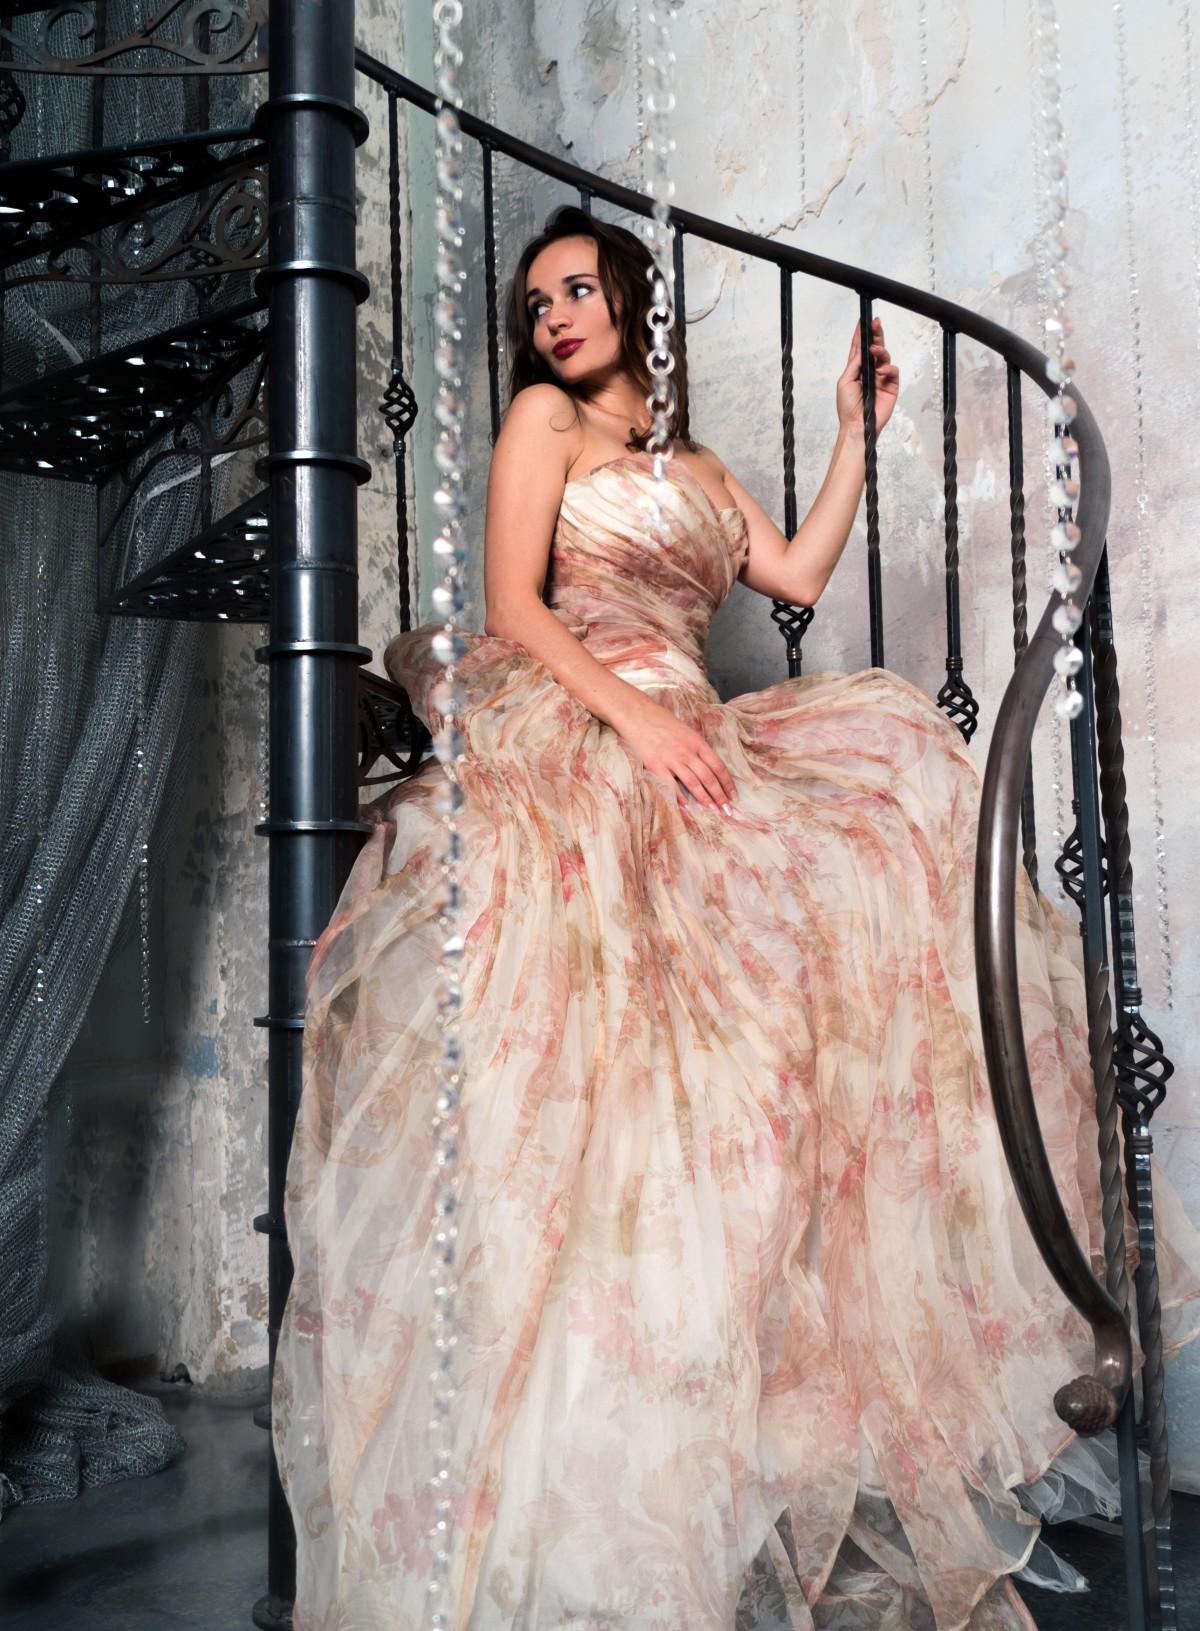 Фотодевушка модель для свадебных платьев работа онлайн венёв